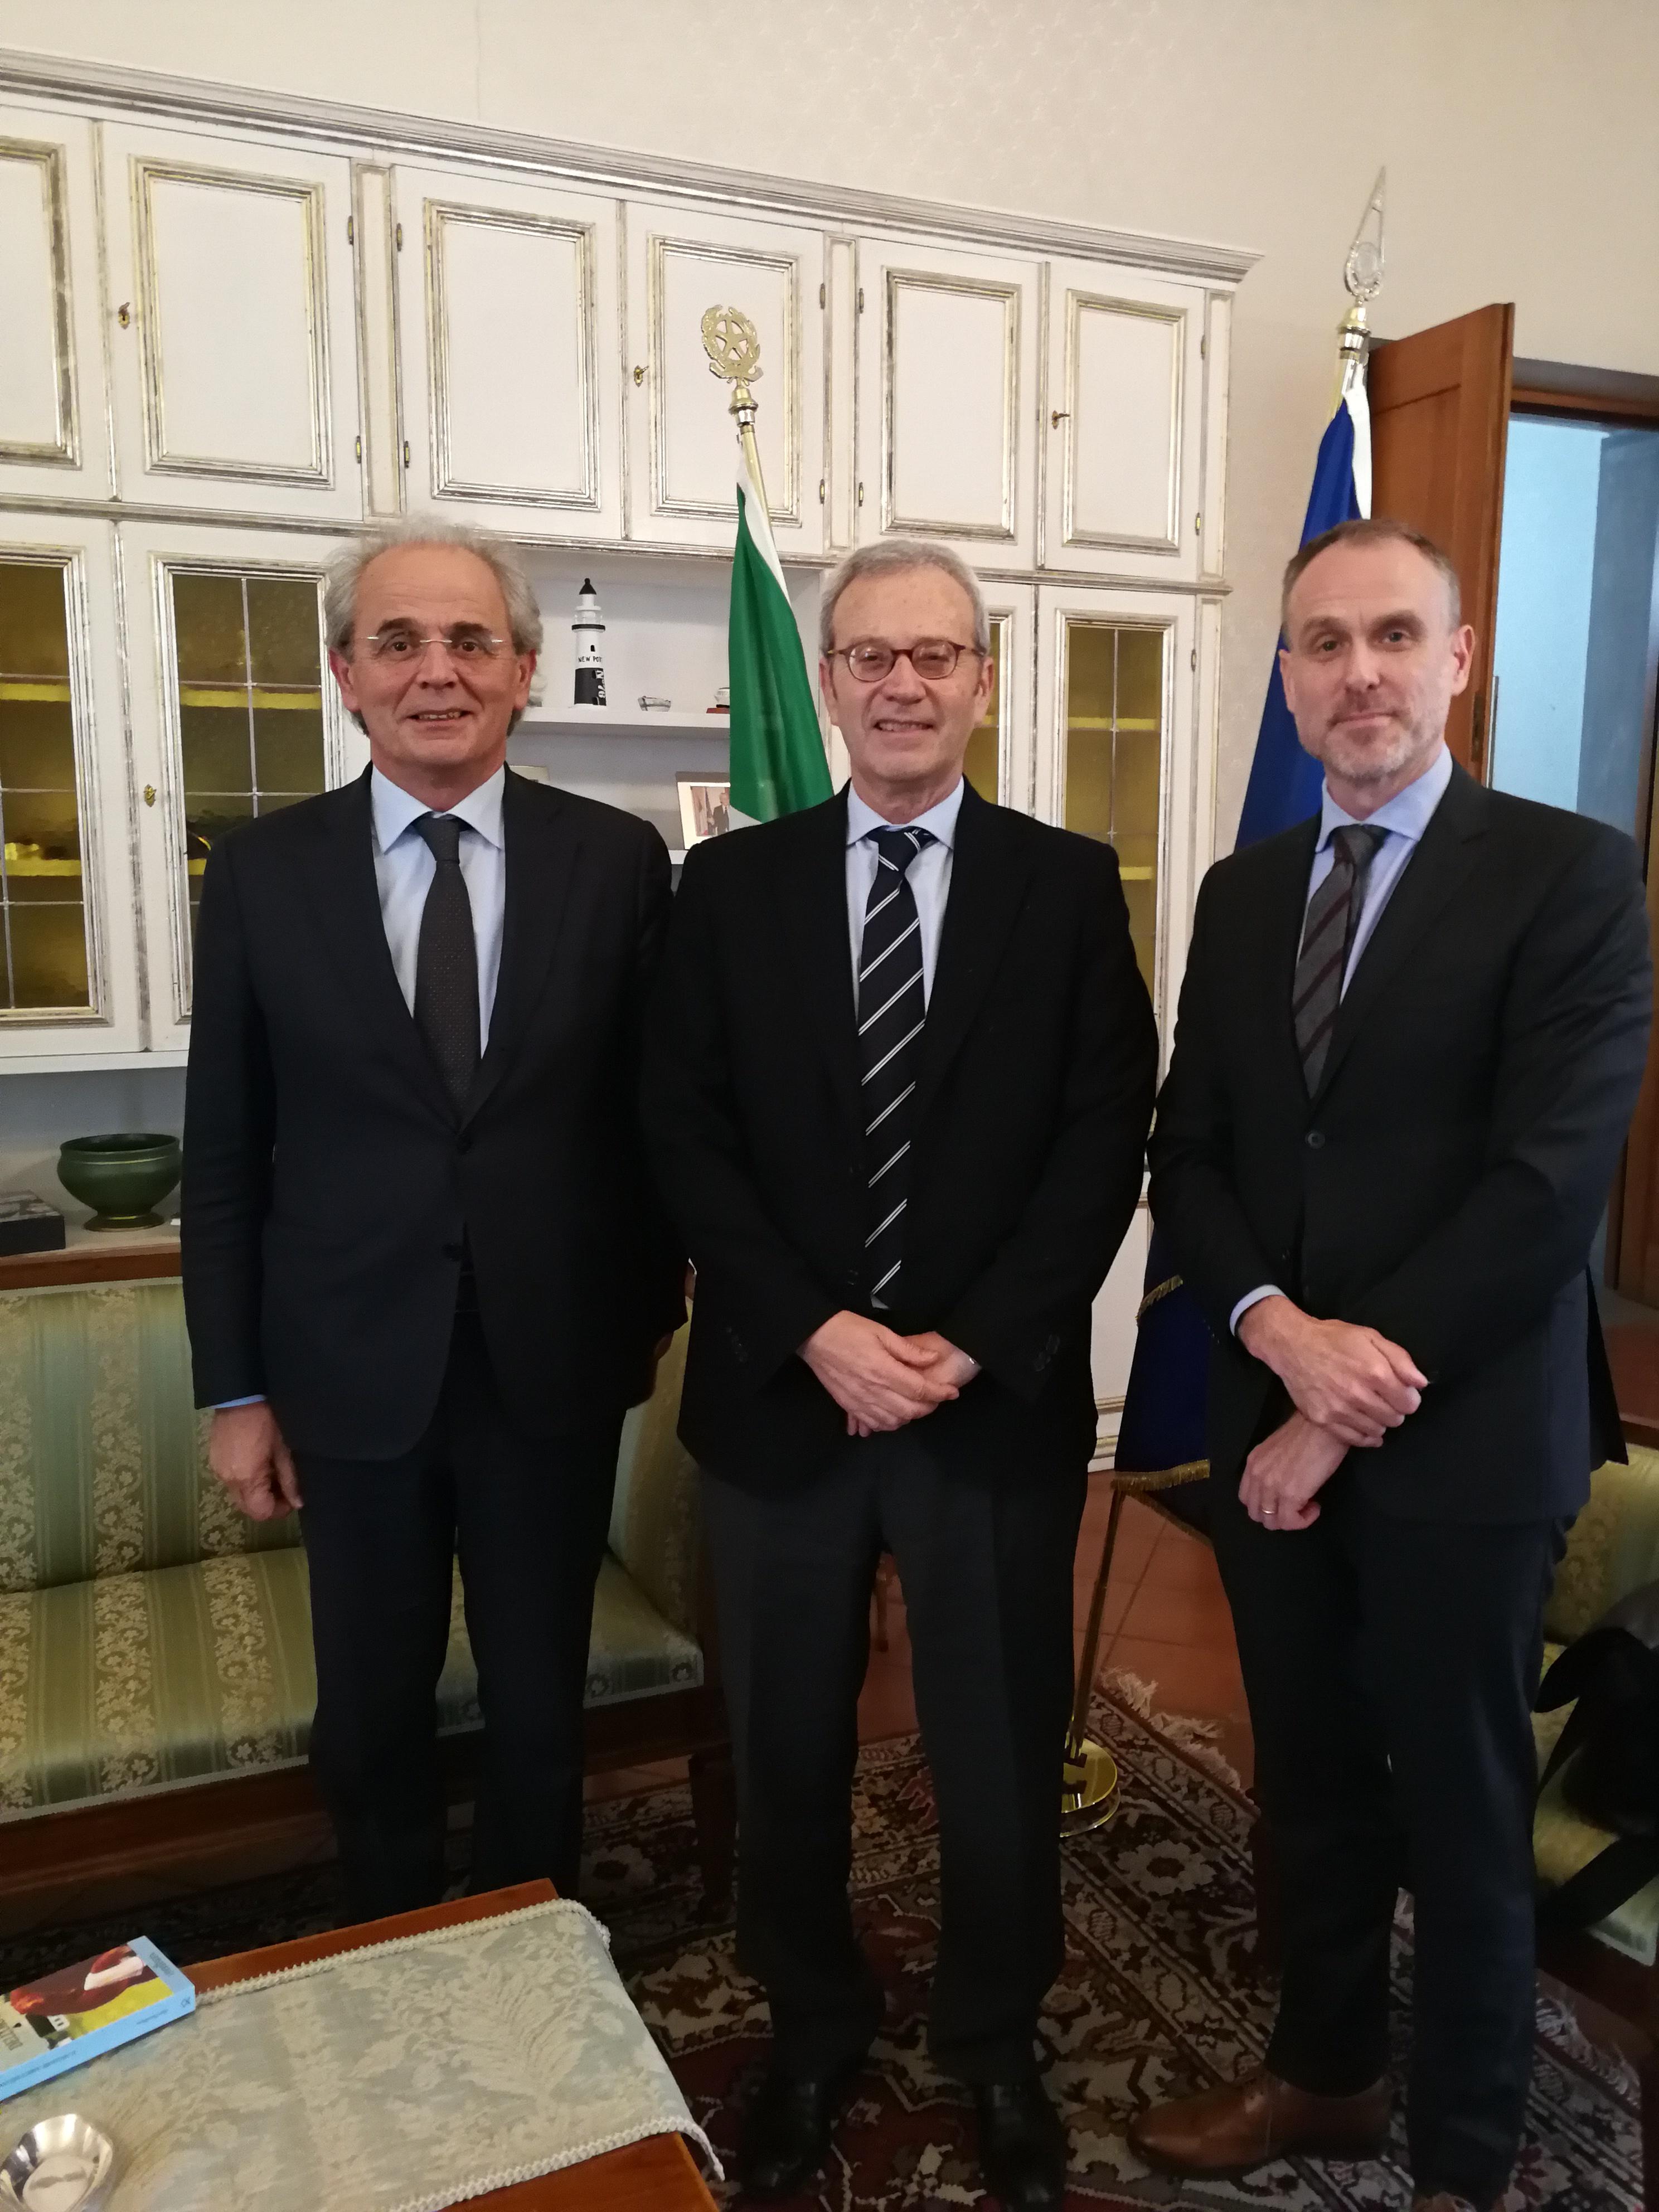 Visita dell'Ambasciatore di Finlandia in Prefettura